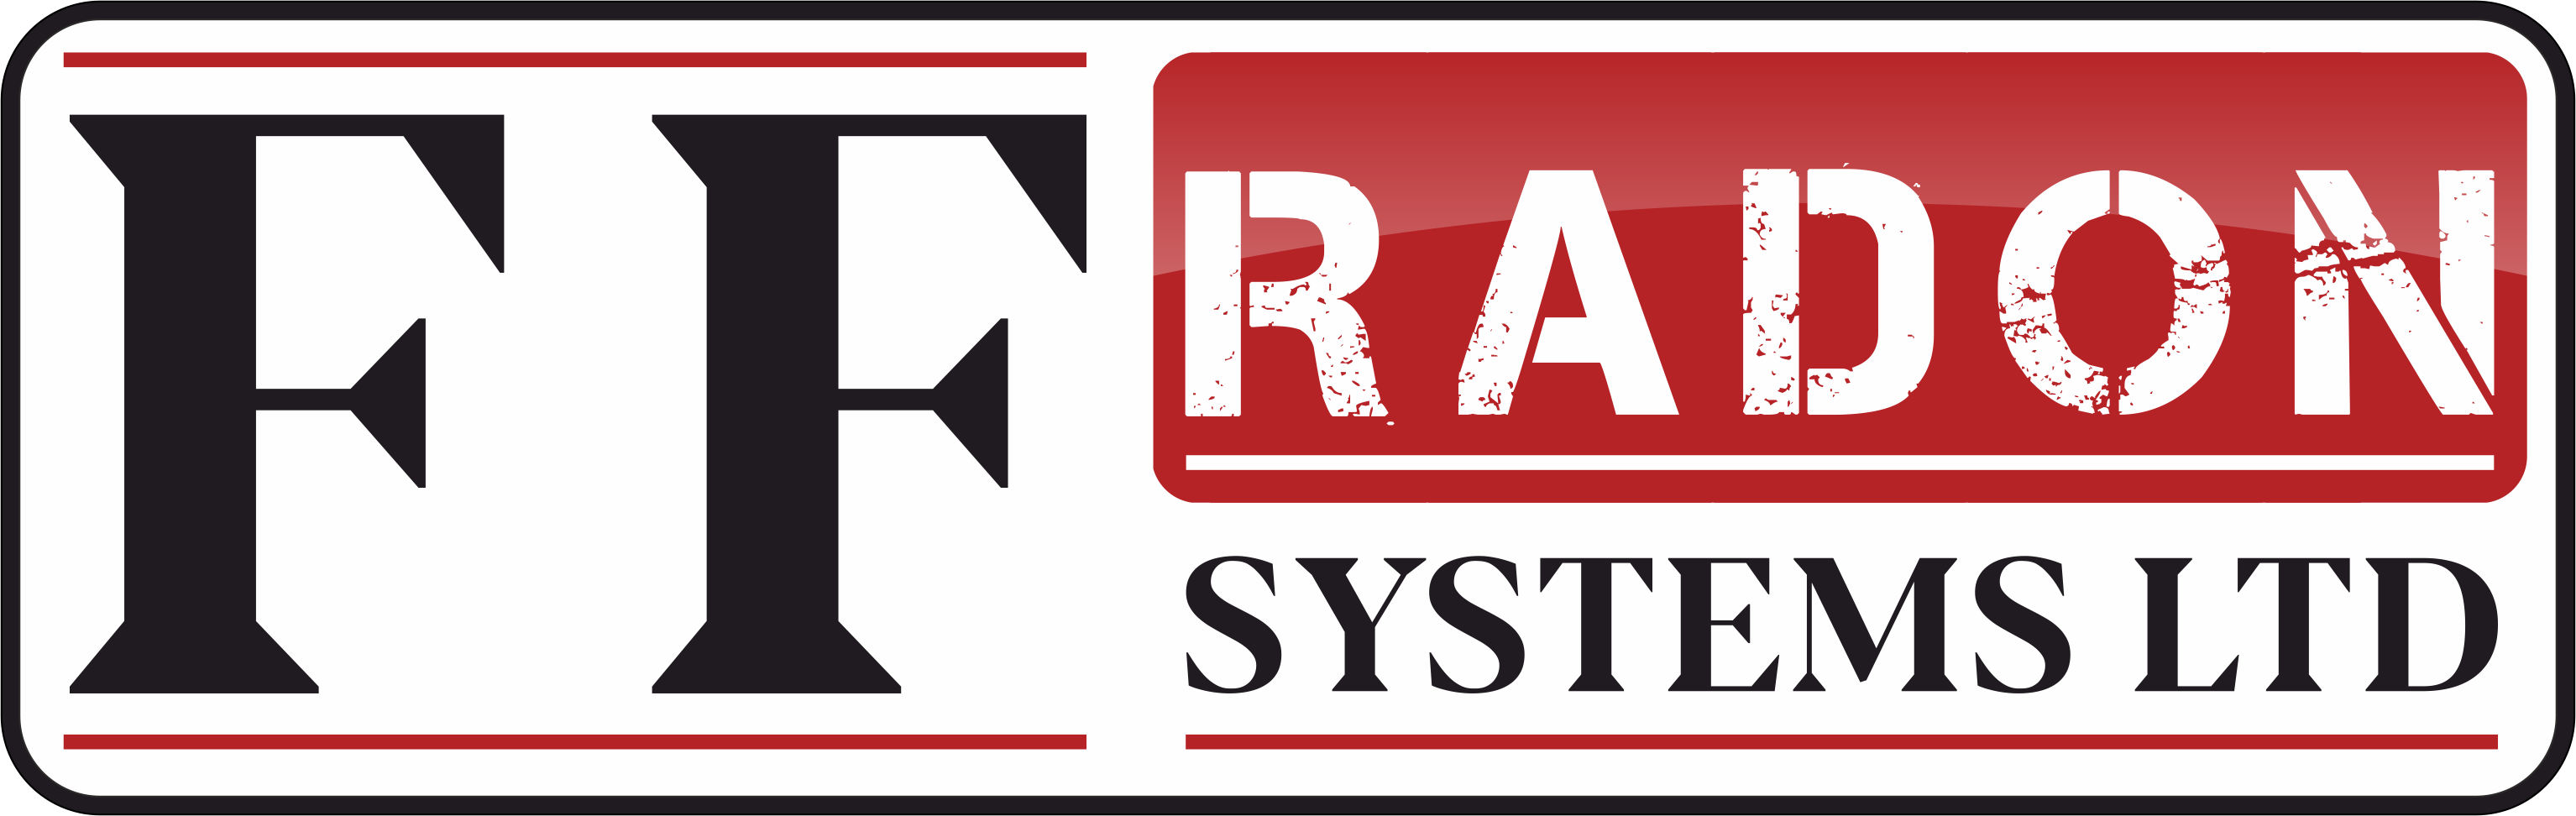 FFRadonSystems